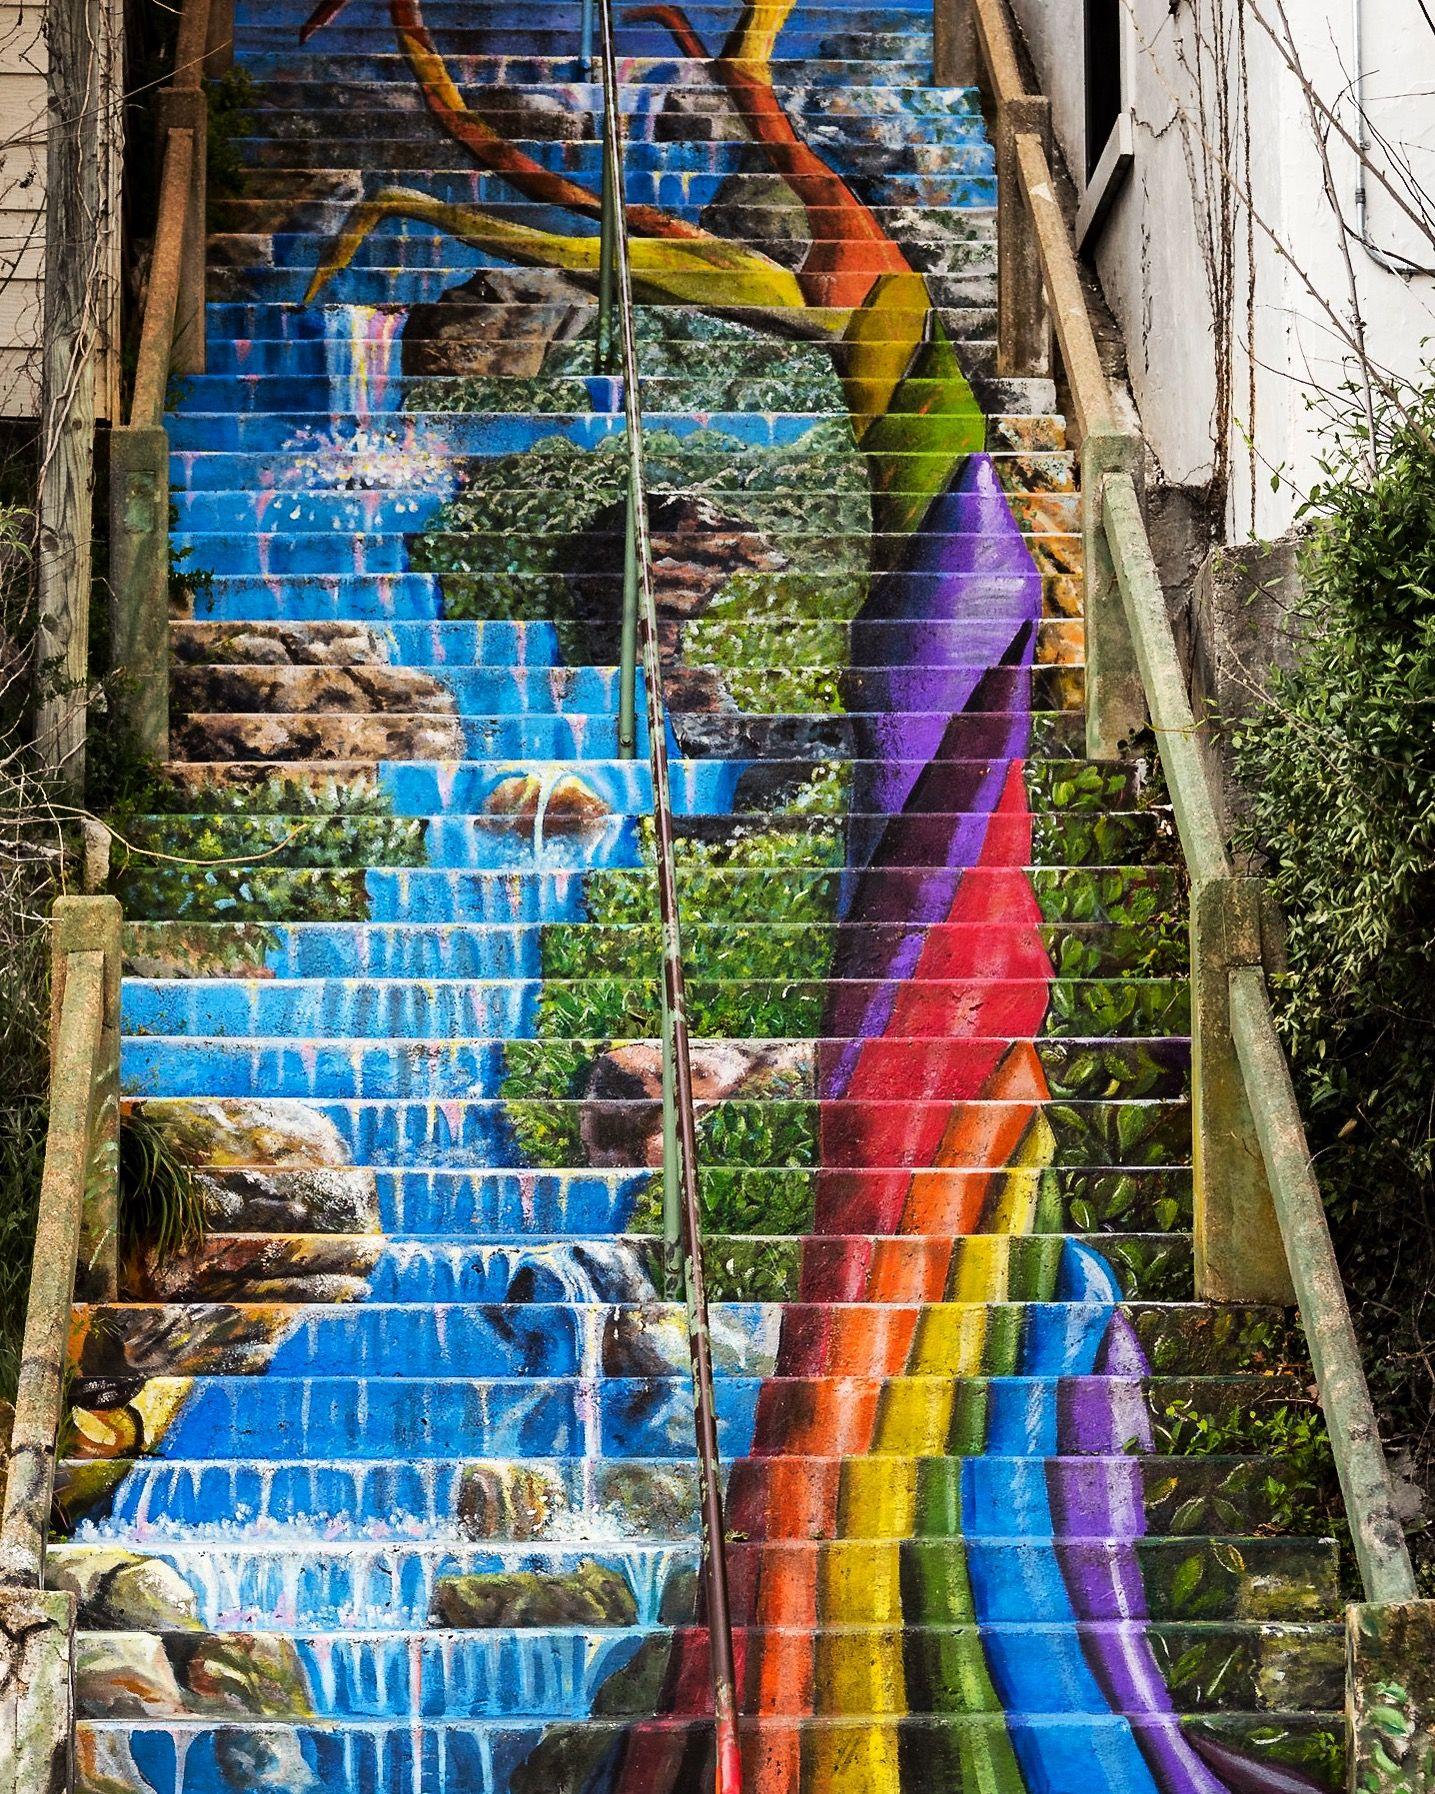 Waterfall Stairs, Eureka Springs, AR. # ...